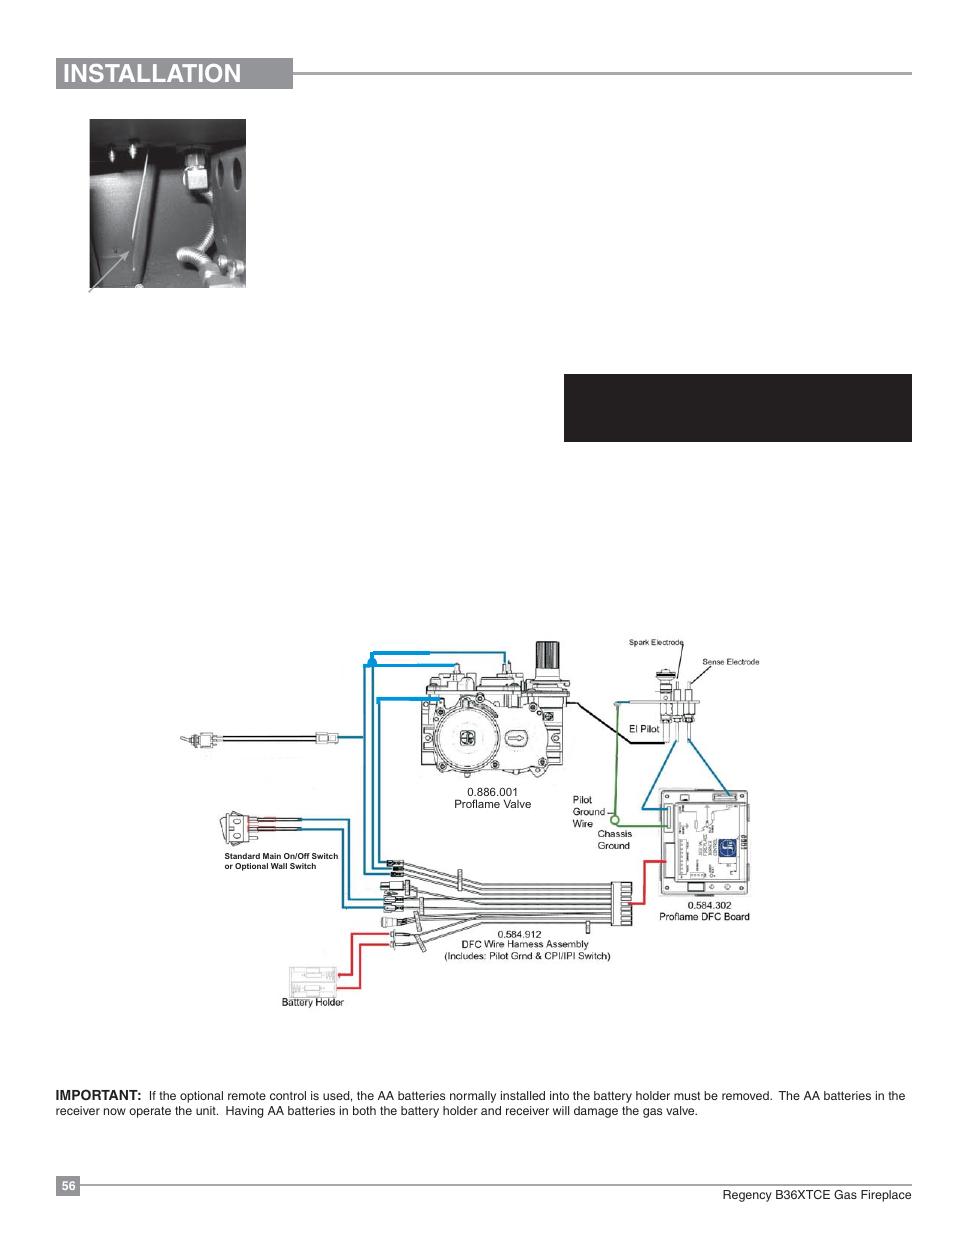 Gas Fireplace Wiring Diagram